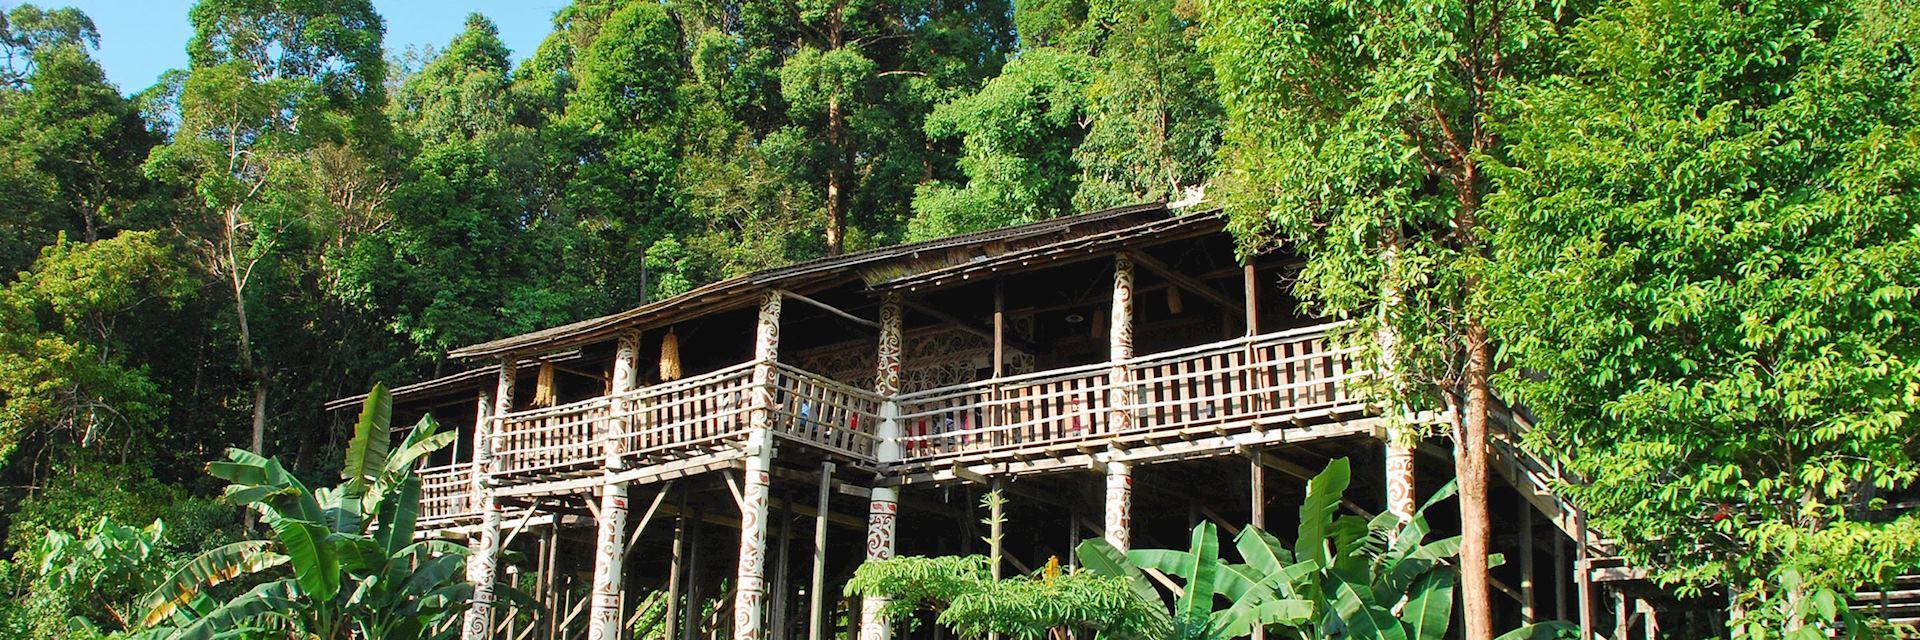 Iban longhouse, Sarawak